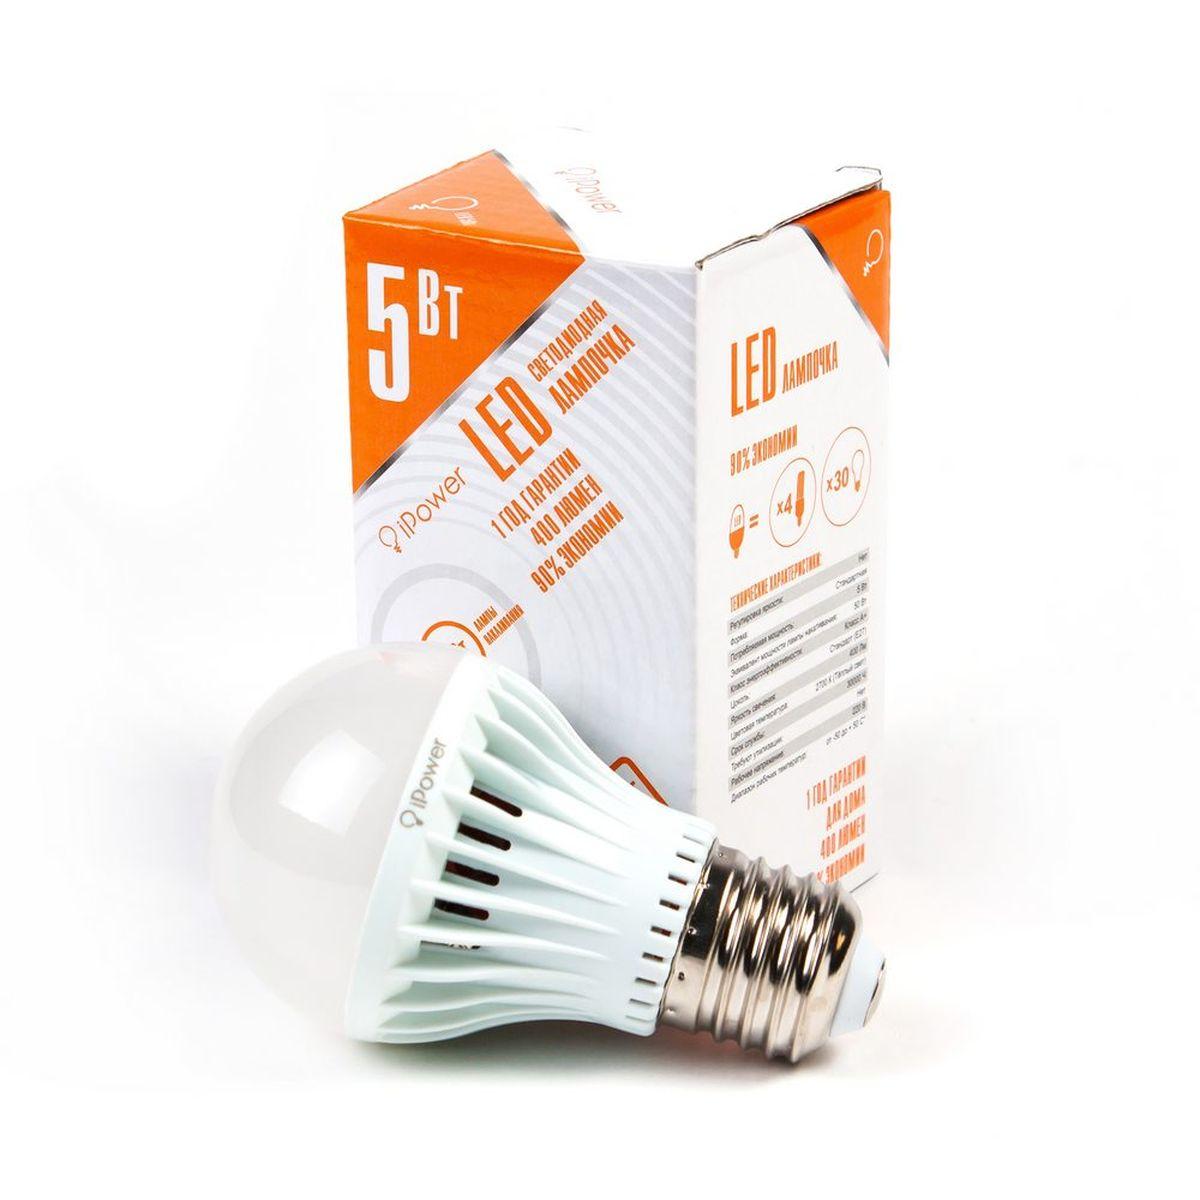 Лампа светодиодная iPower, цоколь Е27, 5W, 2700КC0042416Светодиодная лампа iPower имеет очень низкое энергопотребление. В сравнении с лампами накаливания LED потребляет в 12 разменьше электричества, а в сравнении с энергосберегающими - в 2-4 раза меньше. При этом срок службы LED лампочки в 5 раз выше, чемэнергосберегающей, и в 50 раз выше, чем у лампы накаливания. Светодиодная лампа iPower создает мягкий рассеивающий свет безмерцаний, что совершенно безопасно для глаз. Она специально разработана по требованиям российских и европейских законов и подходит ковсем осветительным устройствам, совместимым со стандартным цоколем E27. Использование светодиодов от мирового лидера Epistar - этозалог надежной и стабильной работы лампы. Теплый оттенок света лампы по световой температуресоответствует обычной лампе накаливания ипозволит создать уют в доме и местах отдыха.Диапазон рабочих температур от -50°С до +50°С.Материал: поликарбонат.Потребляемая мощность: 5 Вт.Рабочее напряжение: 220В.Световая температура: 2700К (теплый свет).Срок службы: 30000 часов.Форма: стандарт.Цоколь: стандарт (E27).Эквивалент мощности лампы накаливания: 50 Вт.Яркость свечения: 400 Лм.